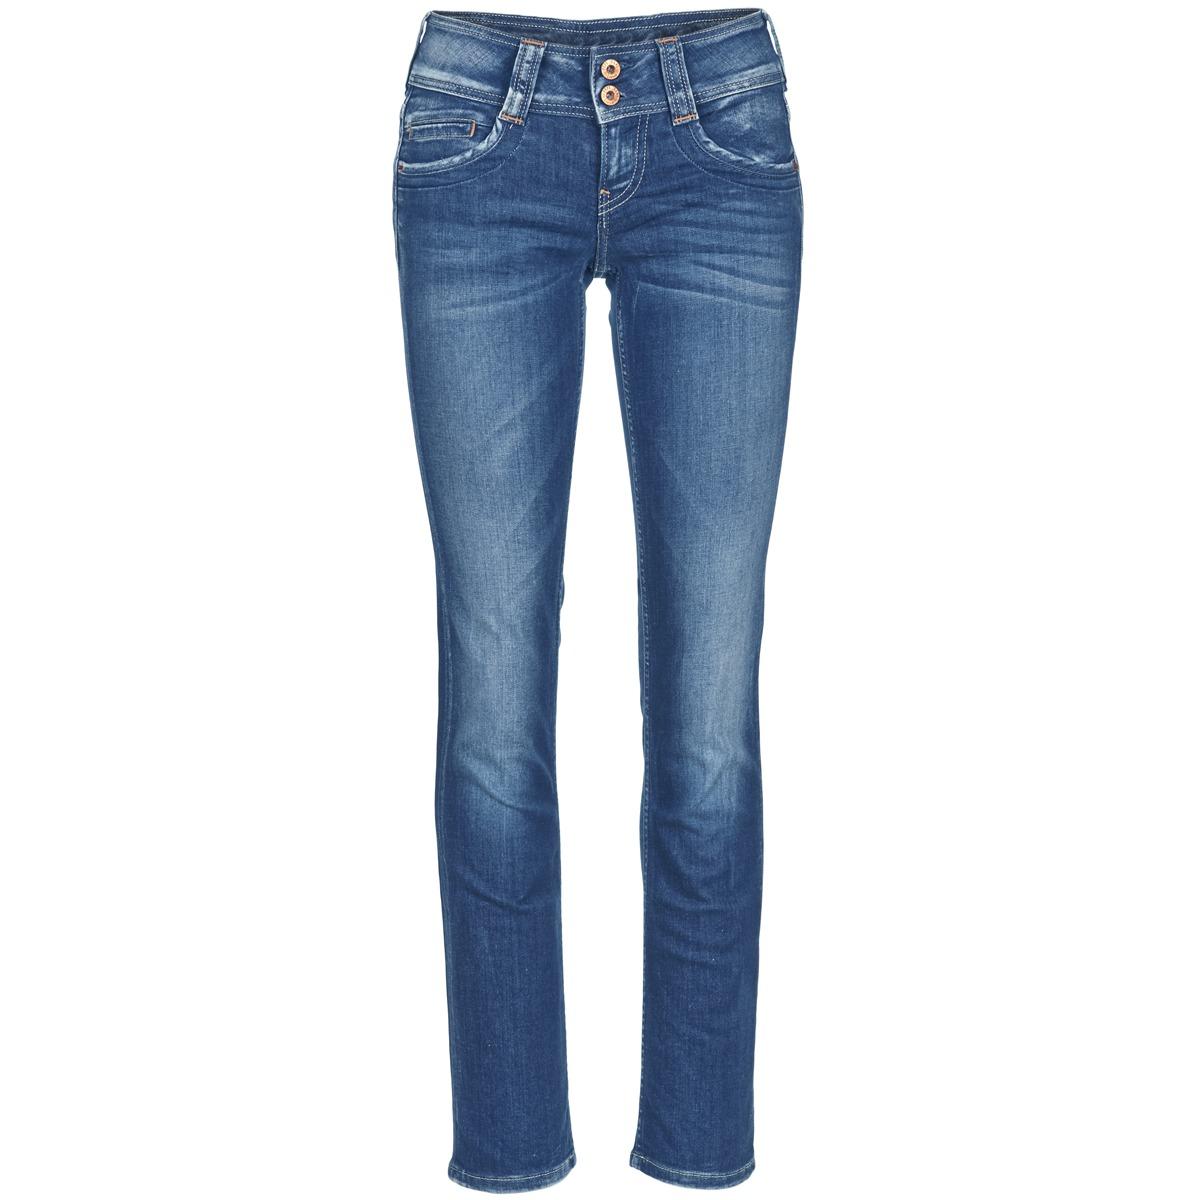 Pepe jeans GEN Bleu D45